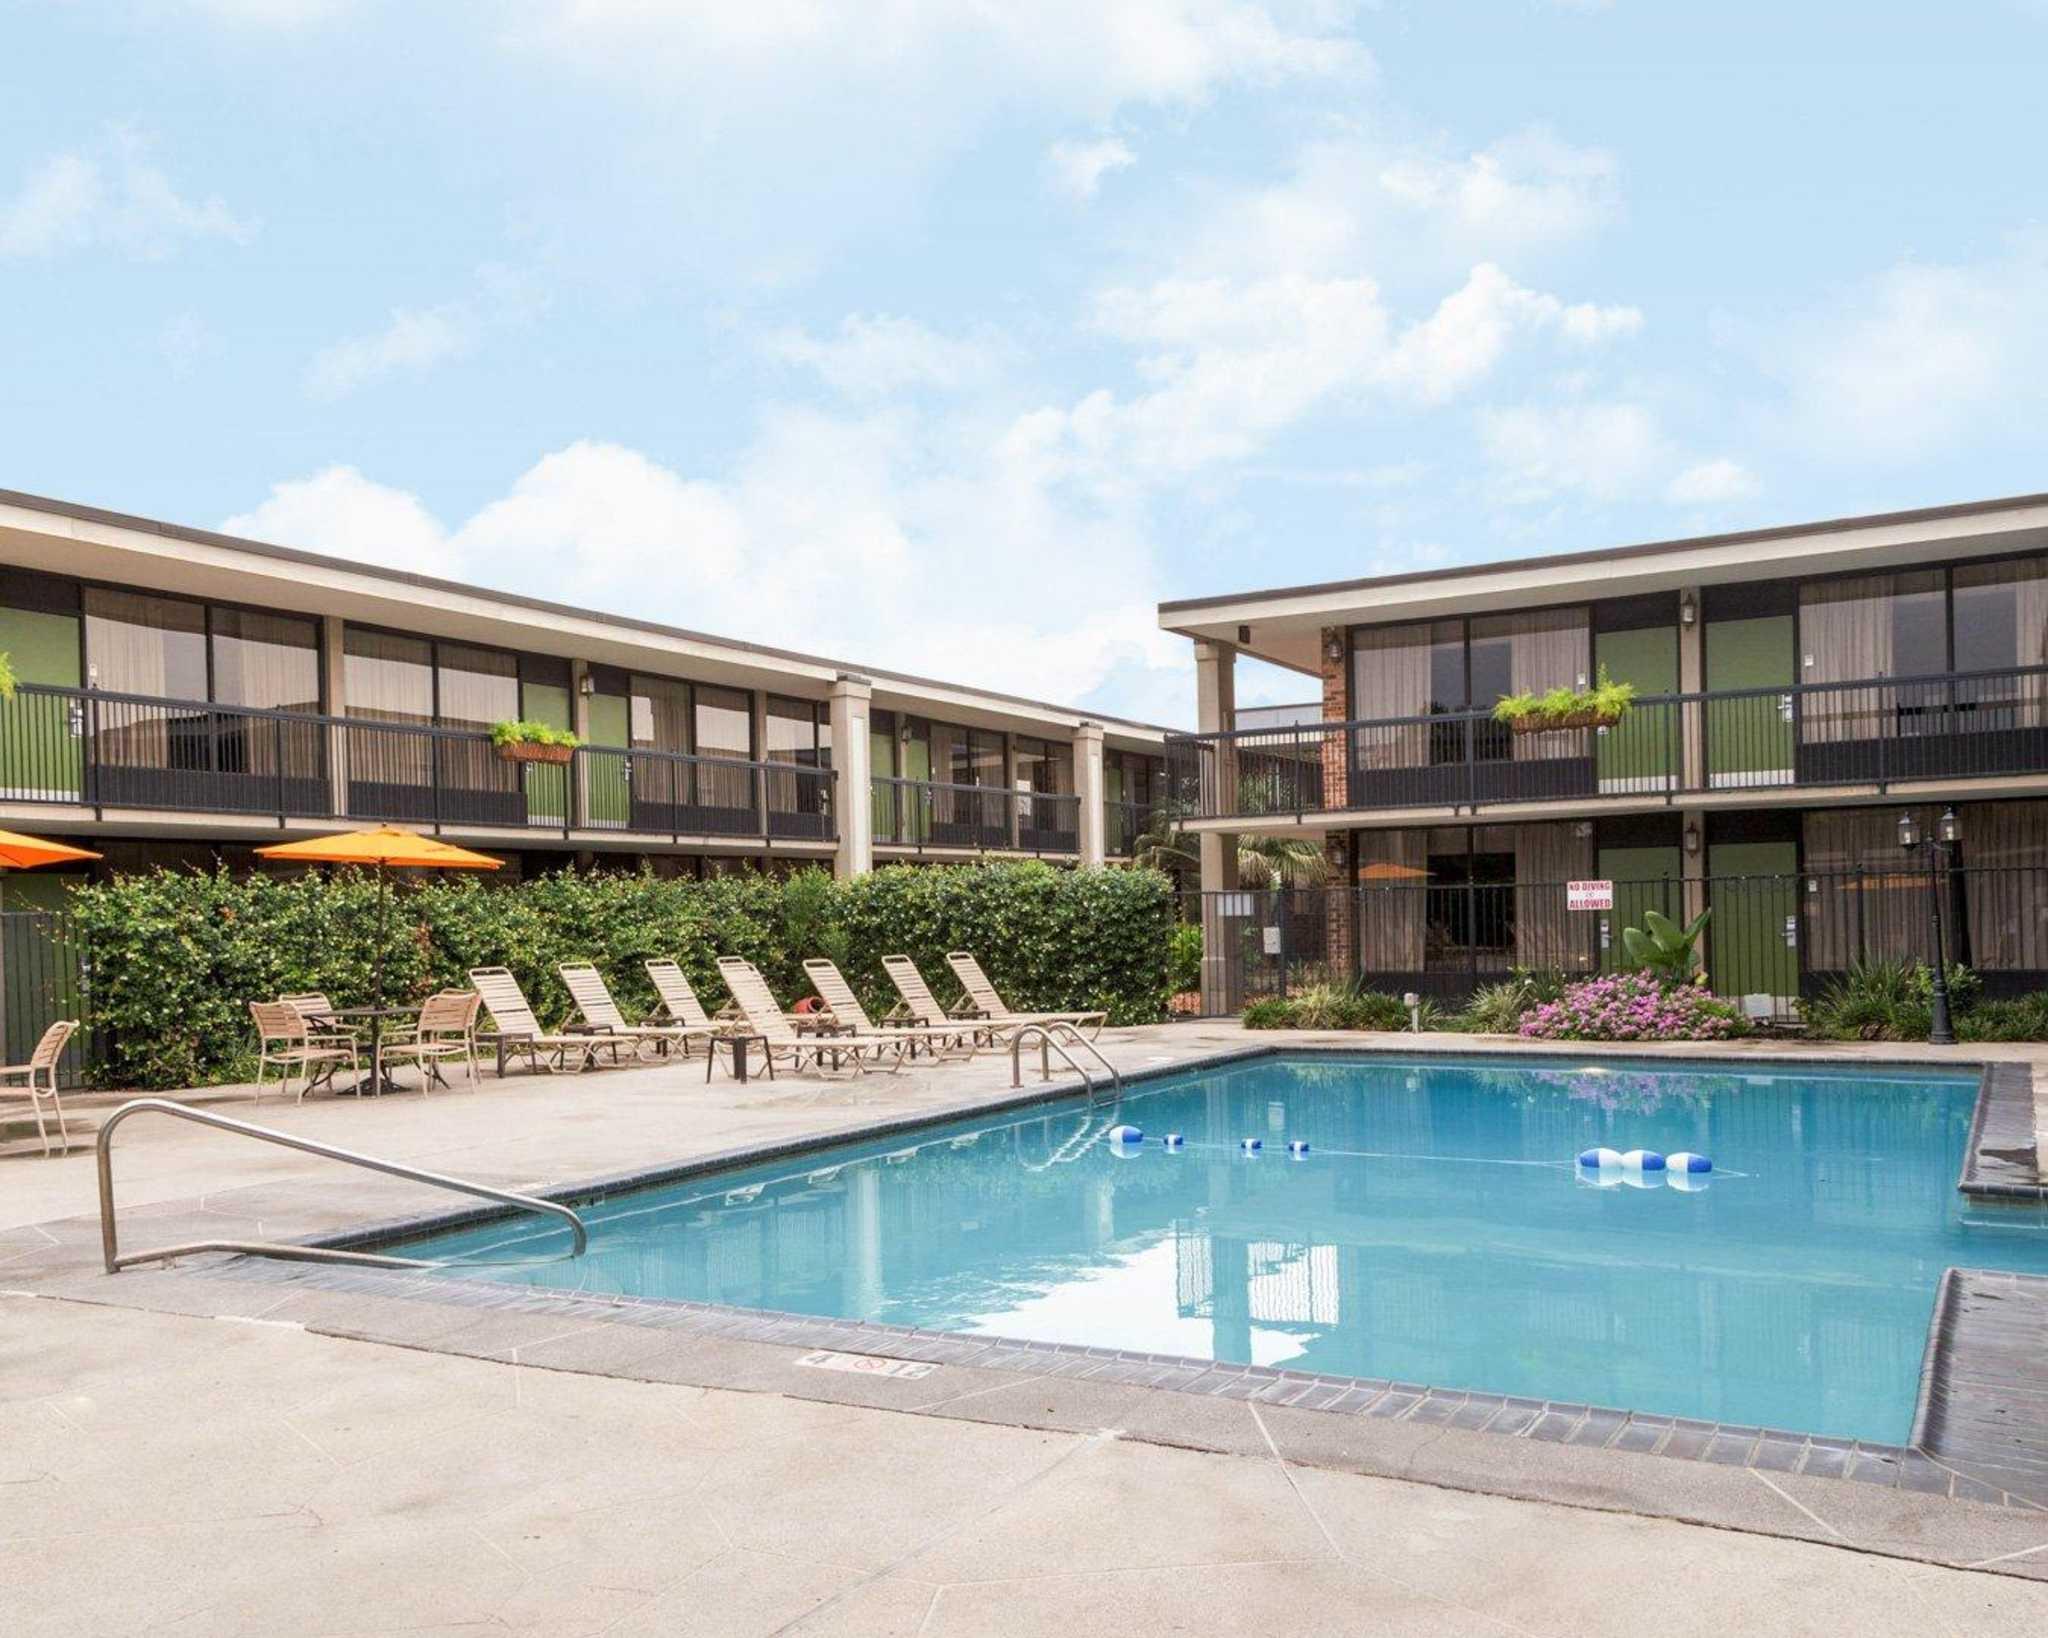 Clarion Inn Amp Suites Conference Center Covington